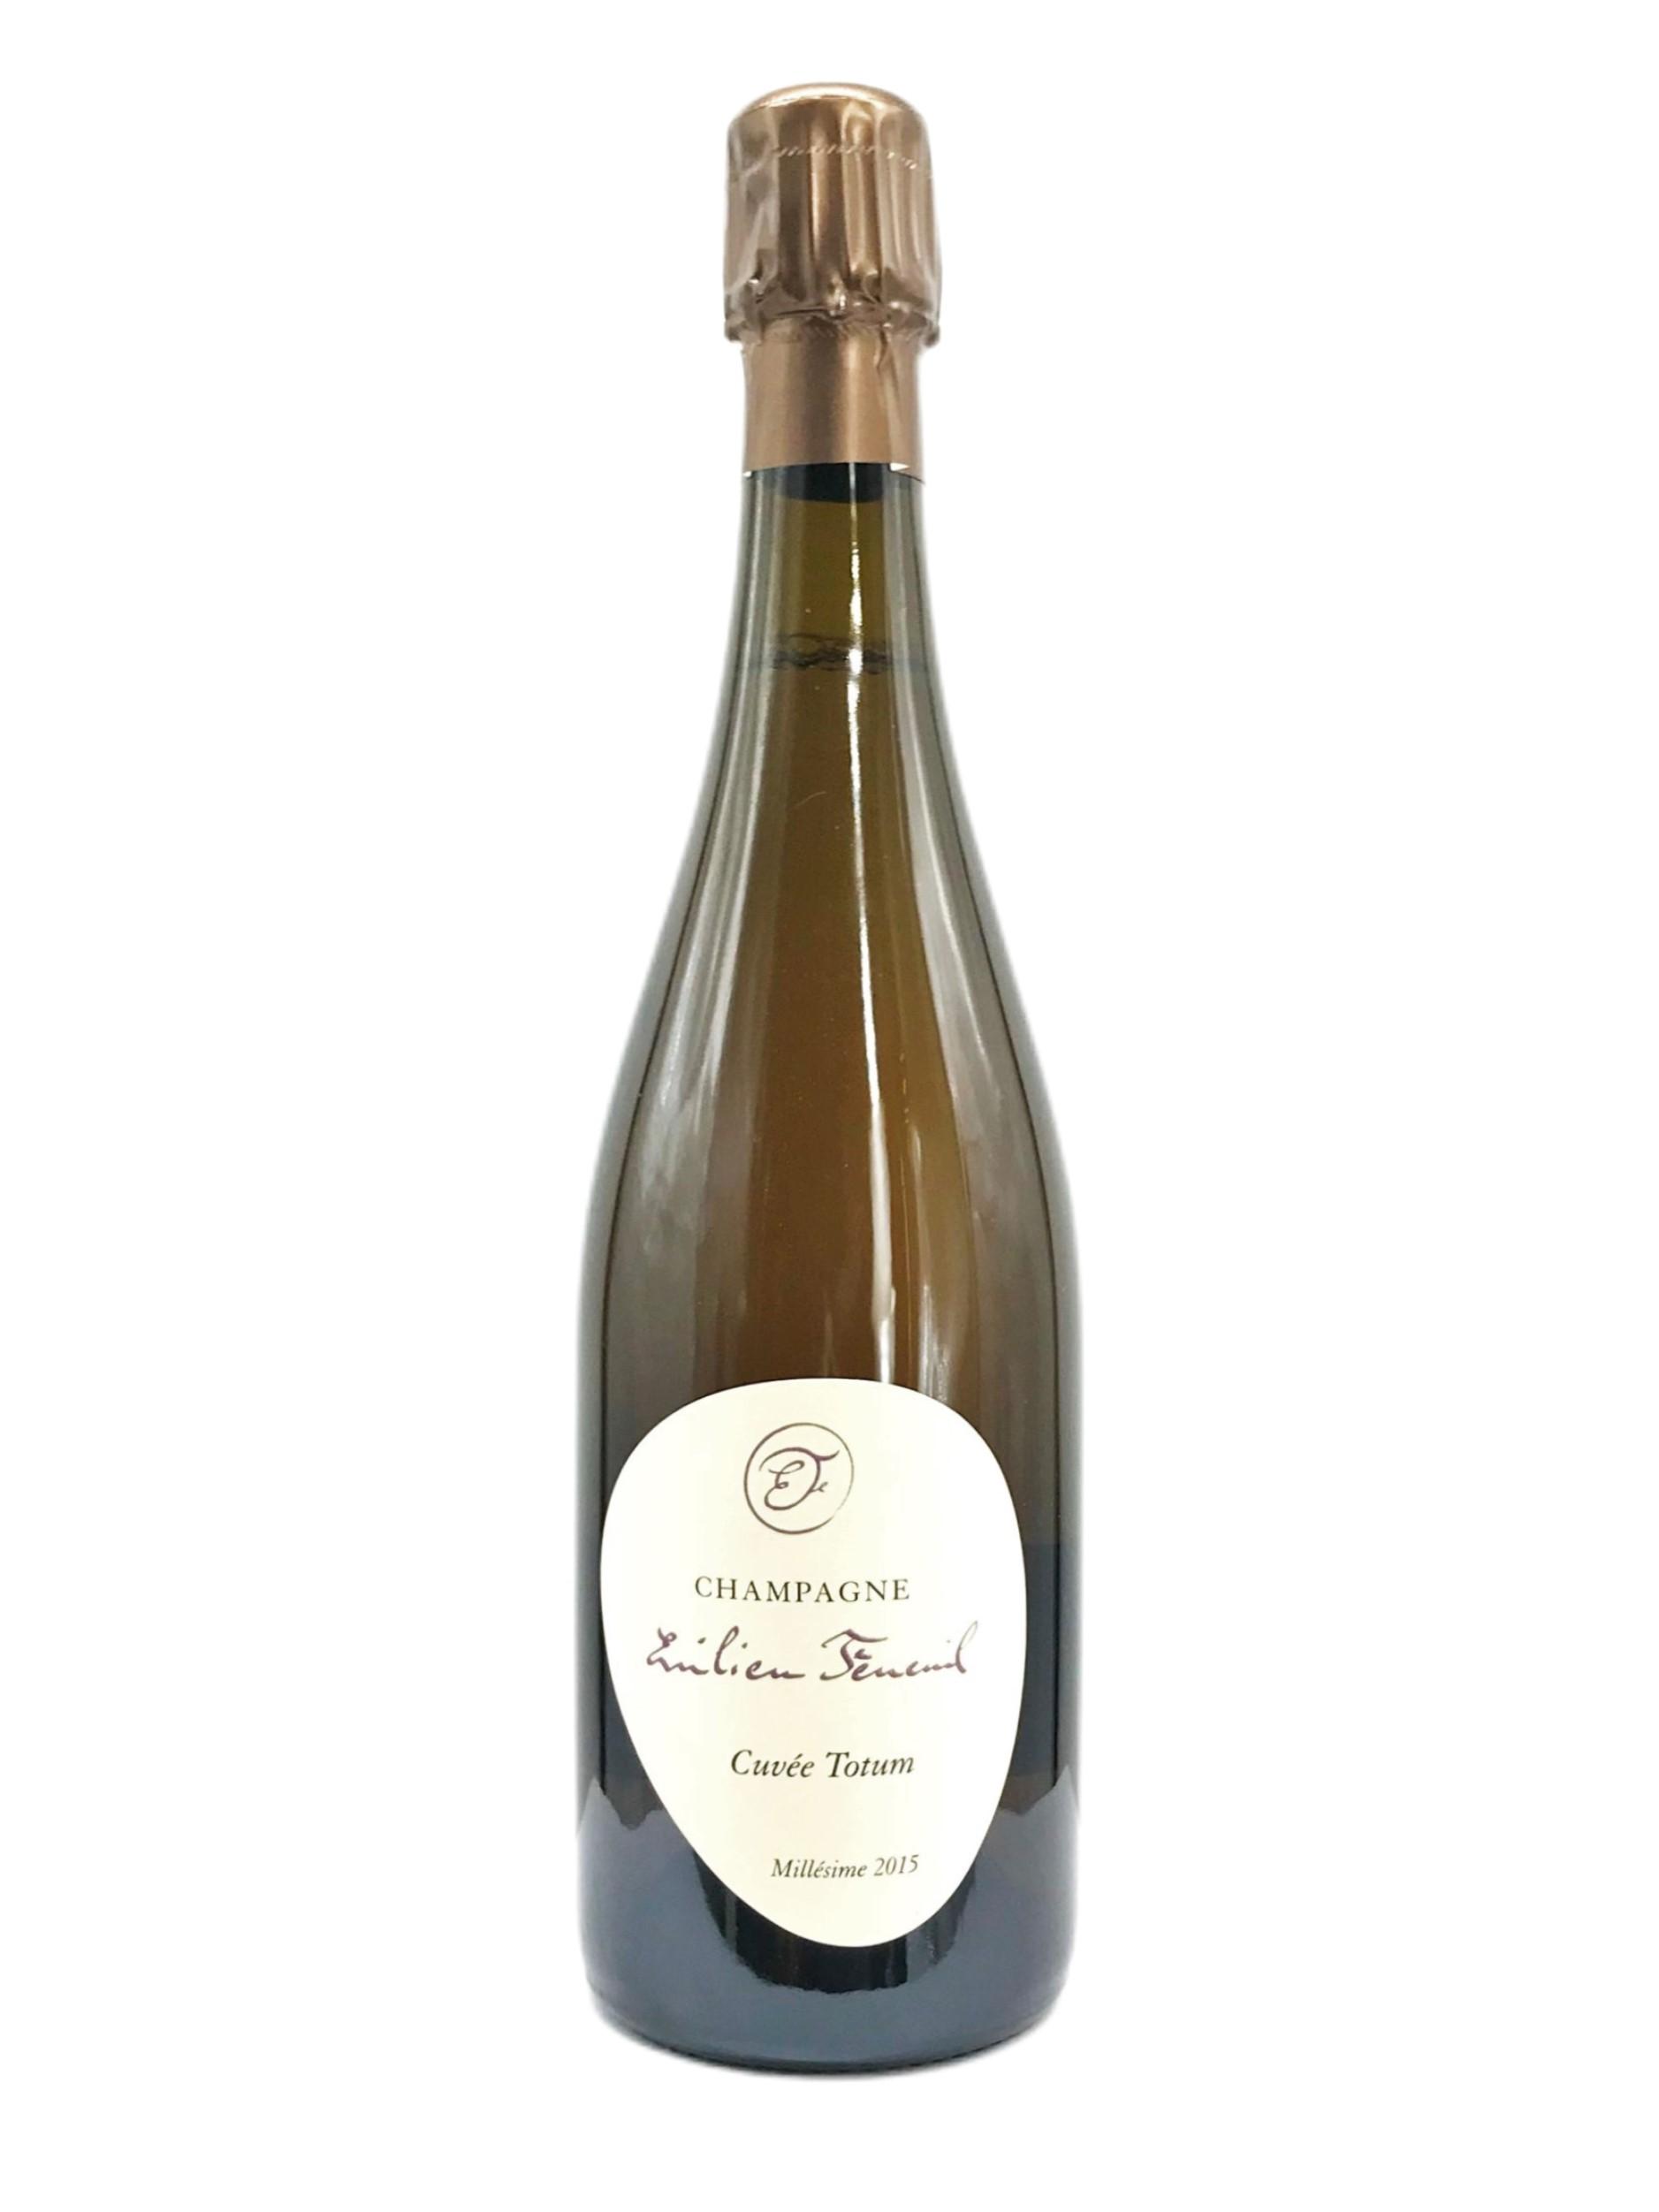 Champagne Emilien Feneuil Cuvée Totum 2016